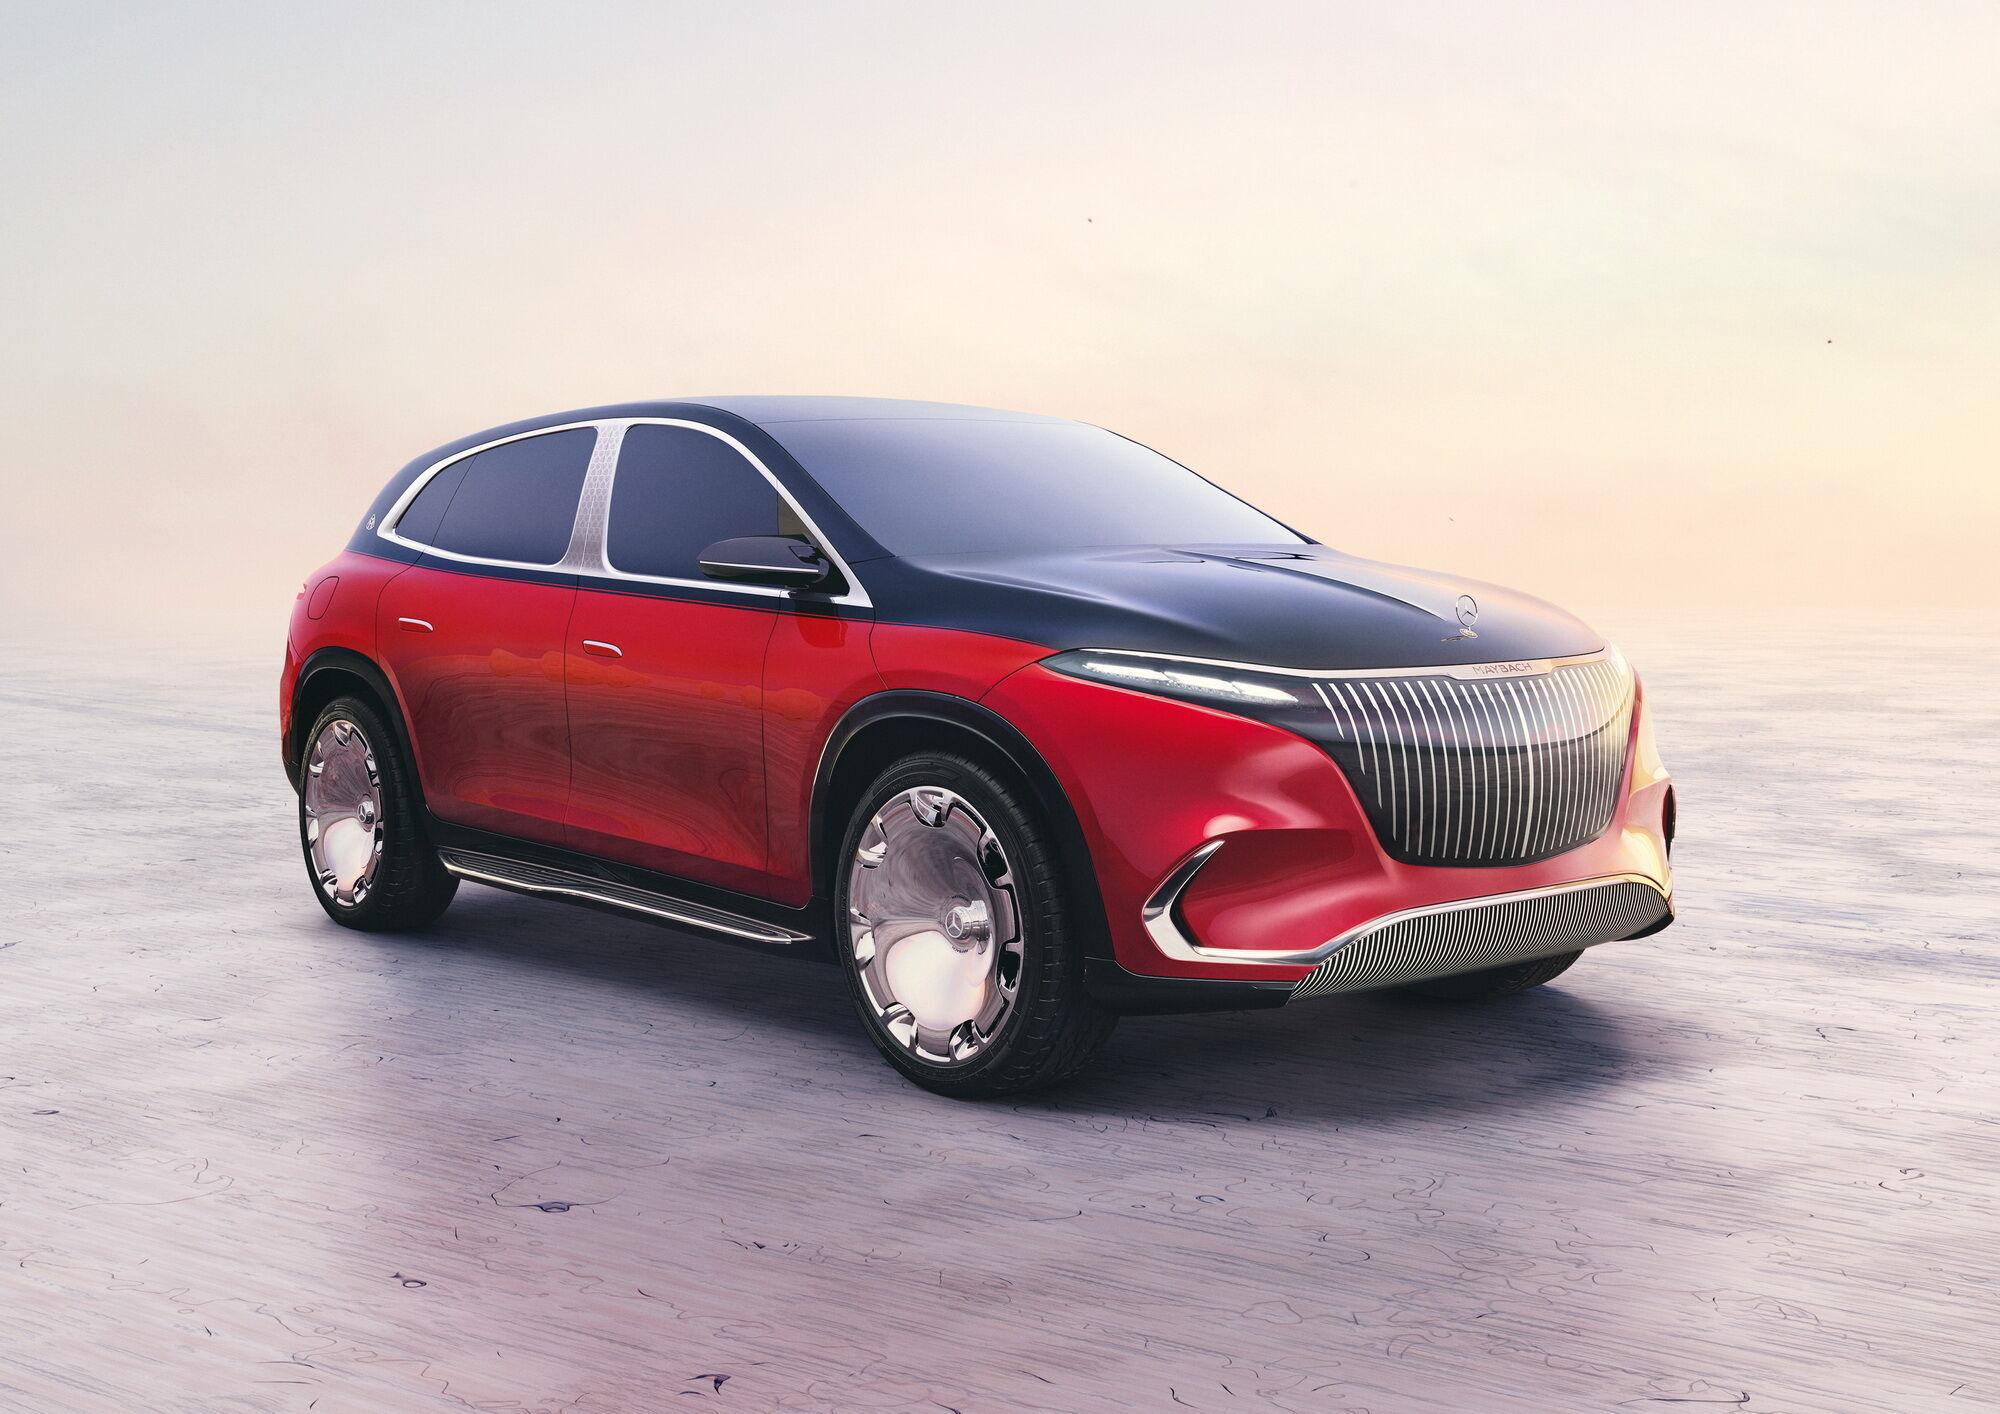 Спереди автомобиль выделяется огромной решеткой радиатора с вертикальными планками и расположенными по углам тонкими светодиодными фарами